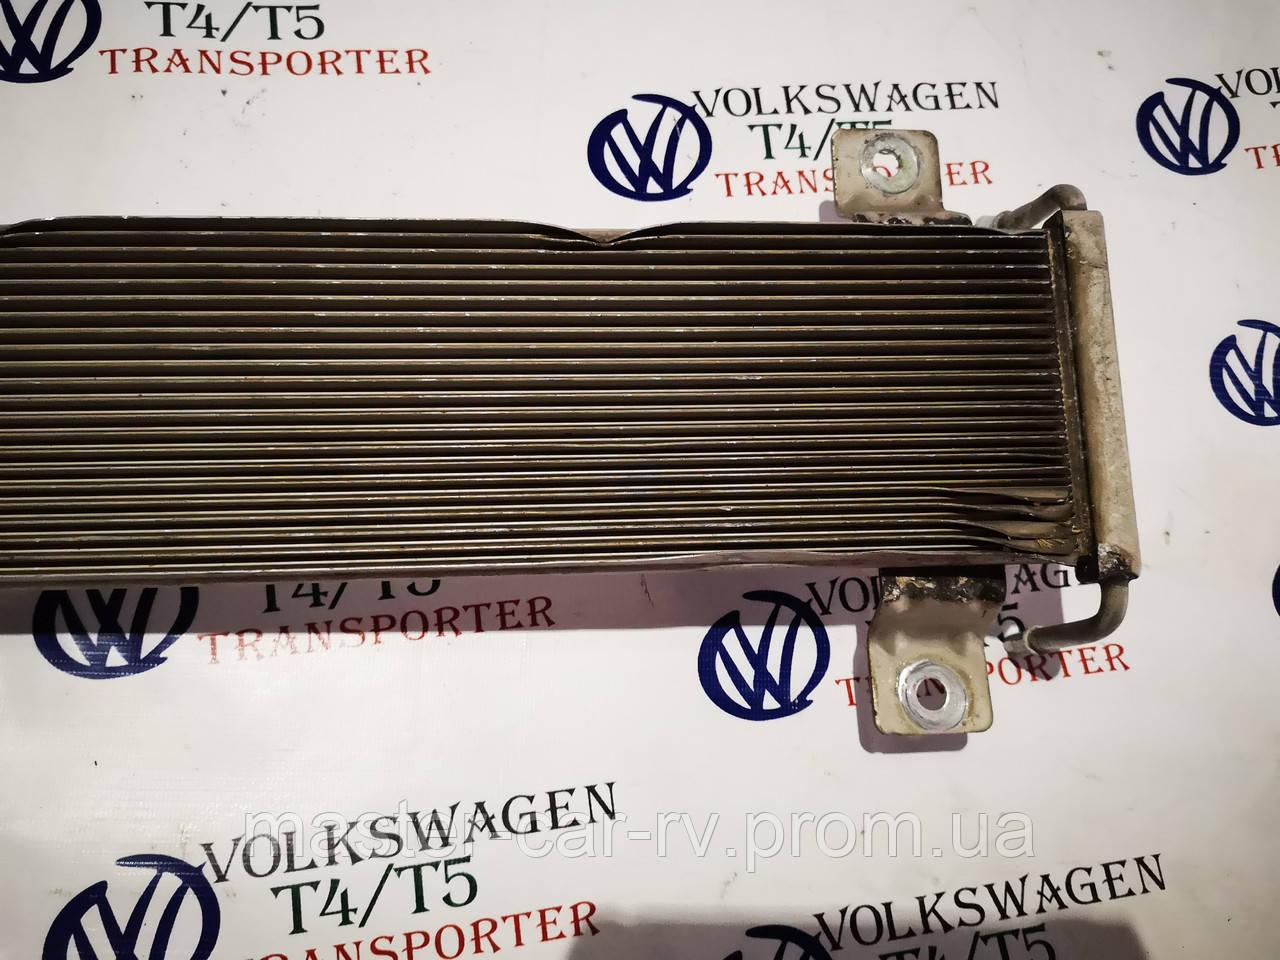 Радиатор охлаждения транспортер т5 конвейер ленточный прямой купить